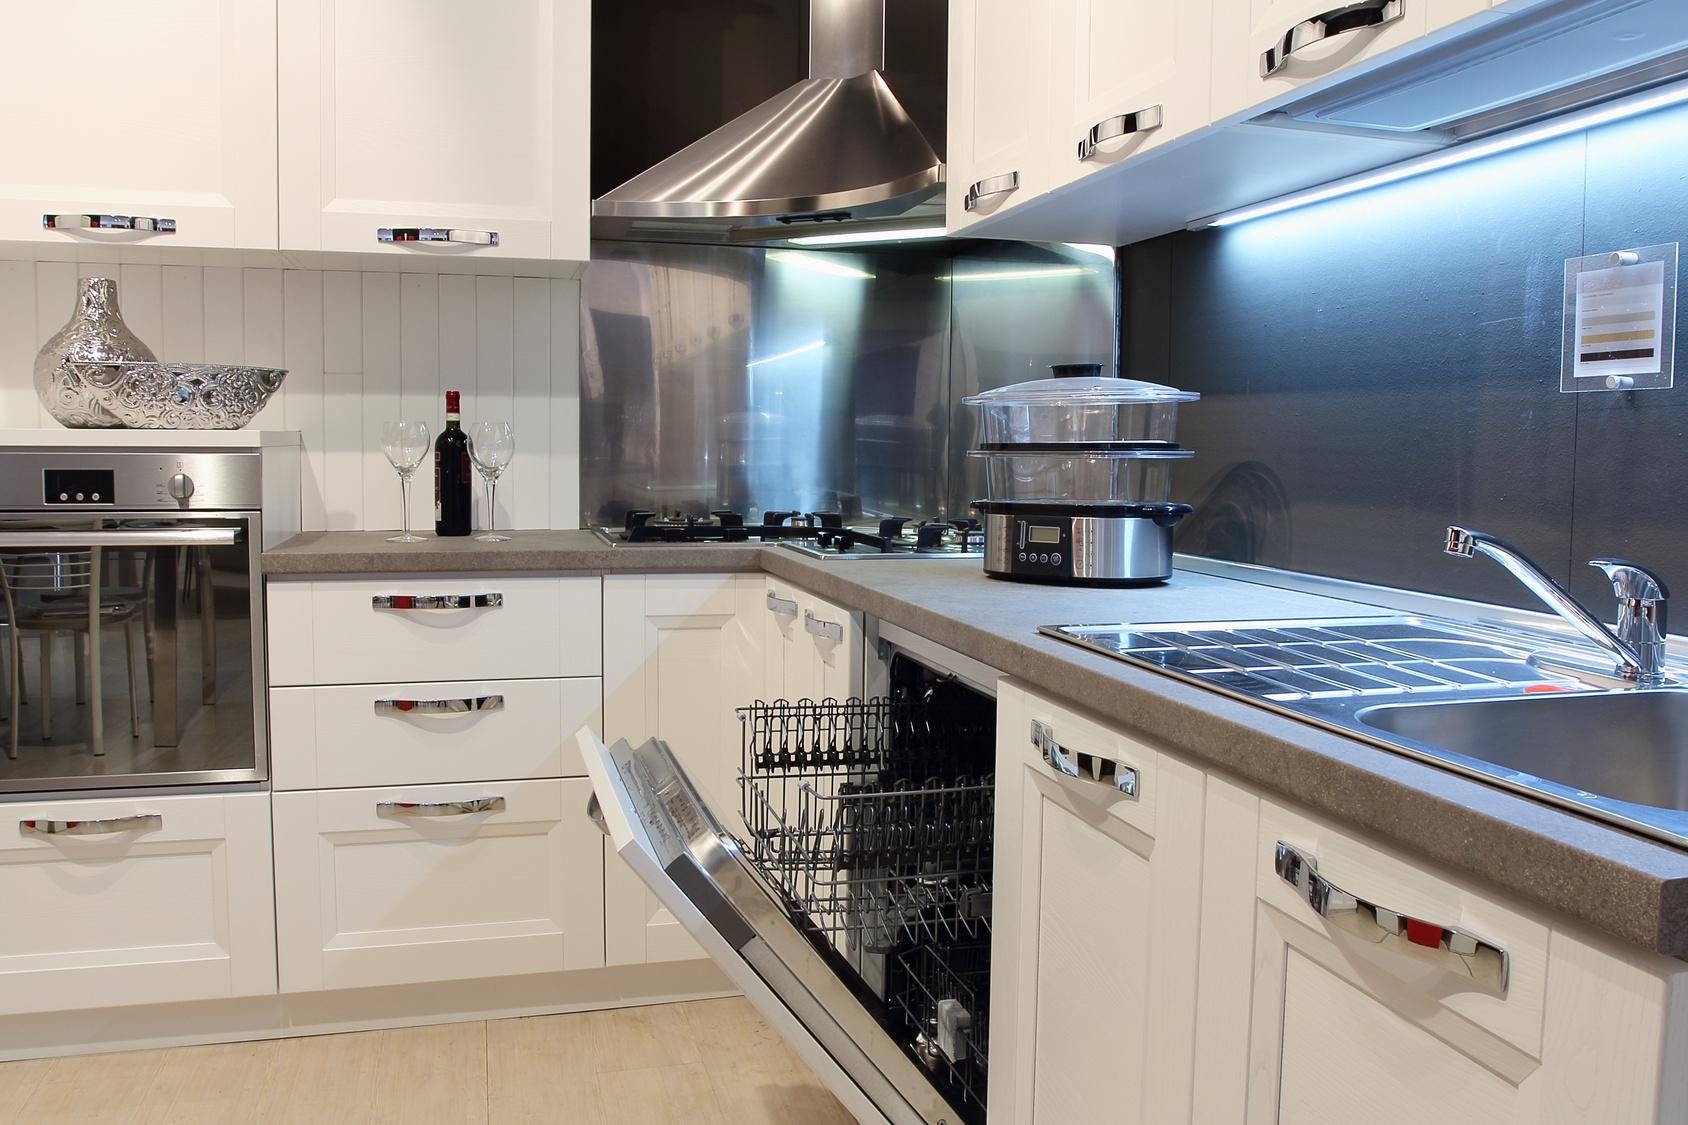 Küchen l form mit fenster  Die G-form Küche eine klassische Küchengrundform